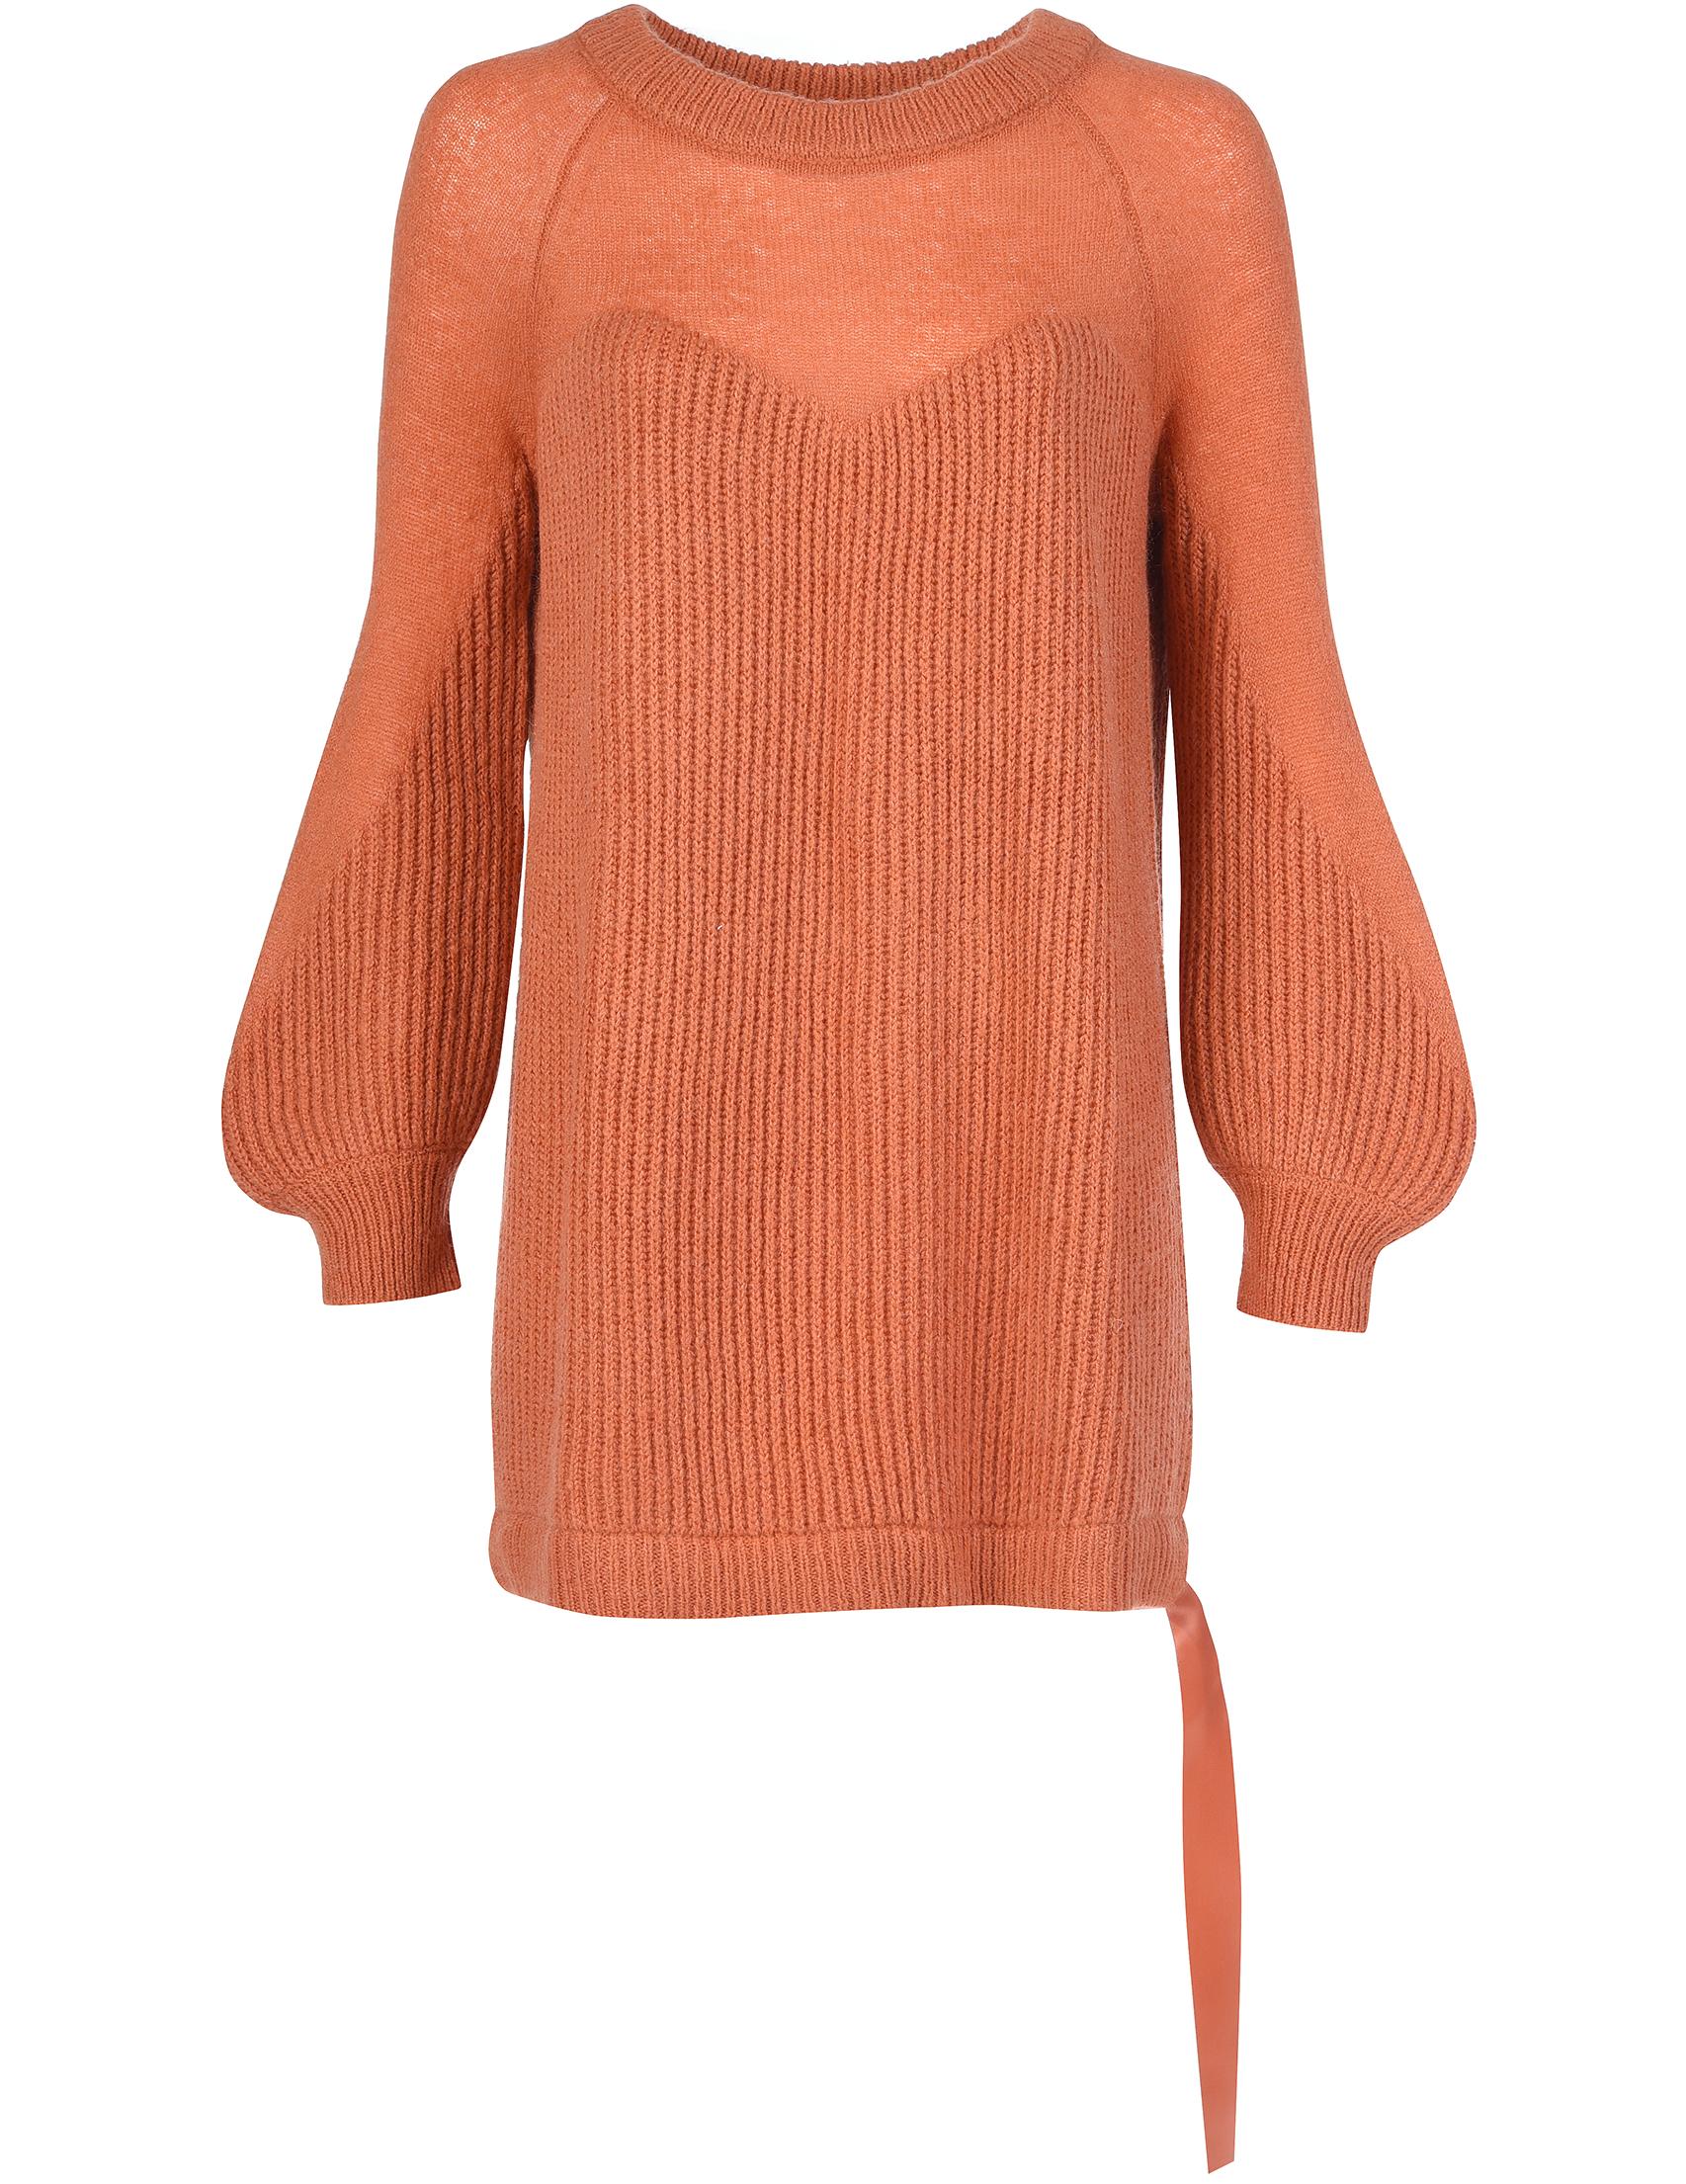 Купить Платье, TWIN-SET, Оранжевый, 57%Акрил 33%Полиамид 5%Мохер 5%Шерсть;100%Полиэстер, Осень-Зима